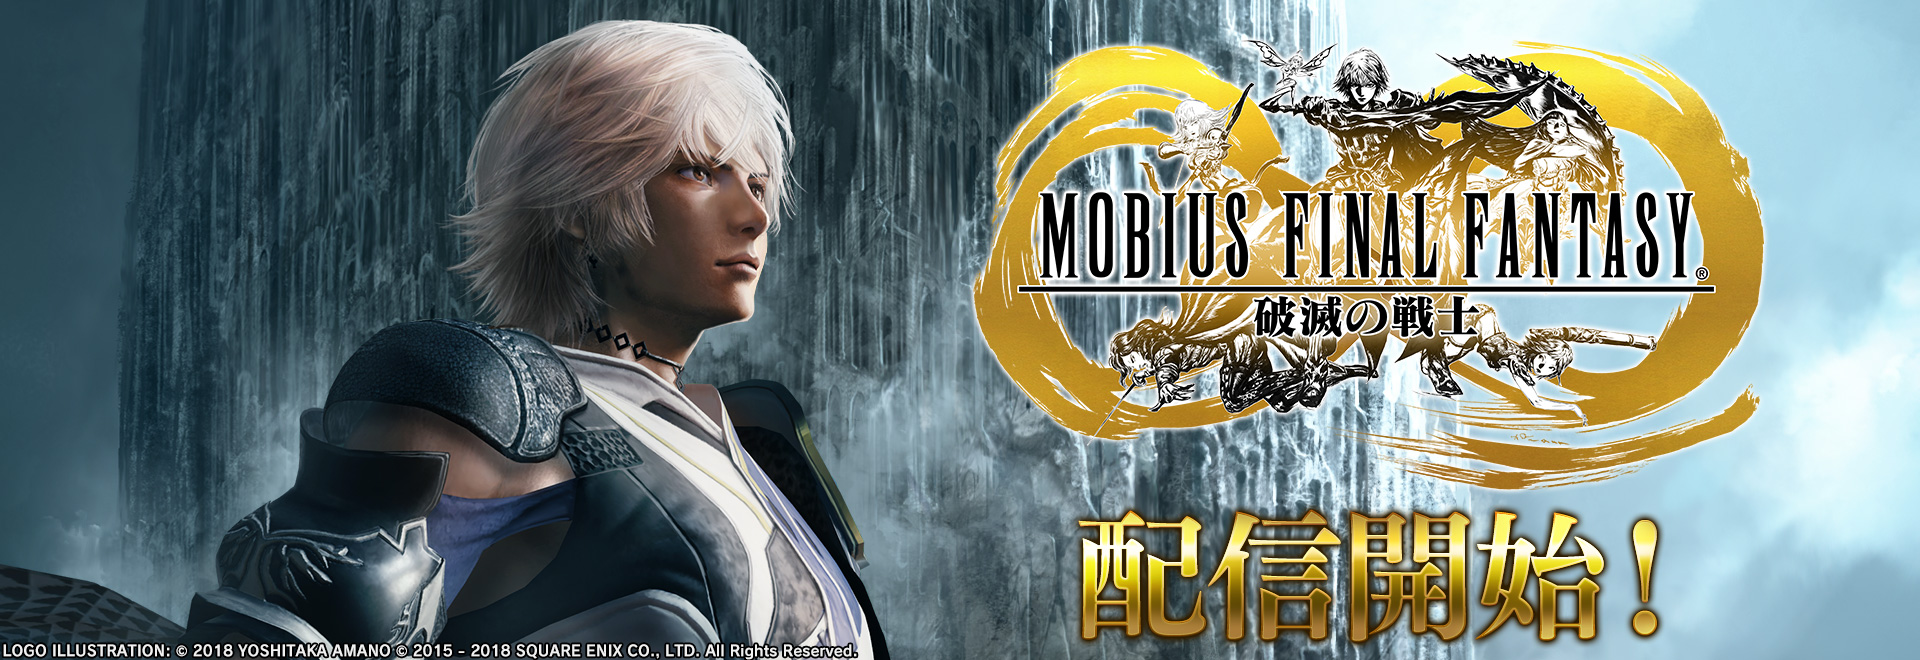 Bn 180427 mobius